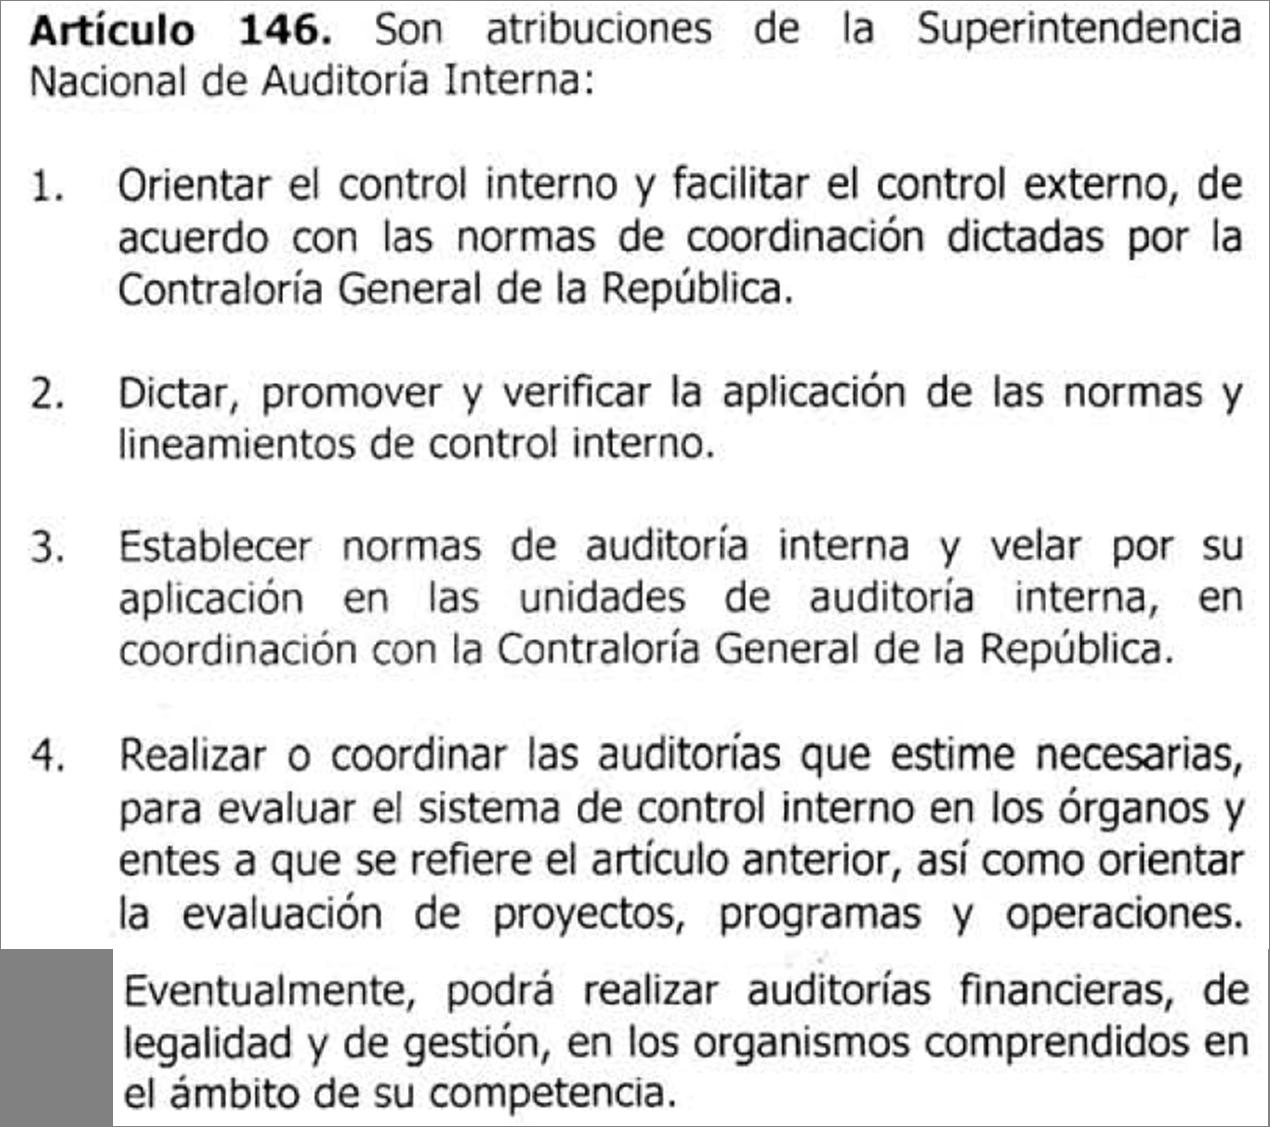 atribuciones de la superintendencia nacional de auditor a